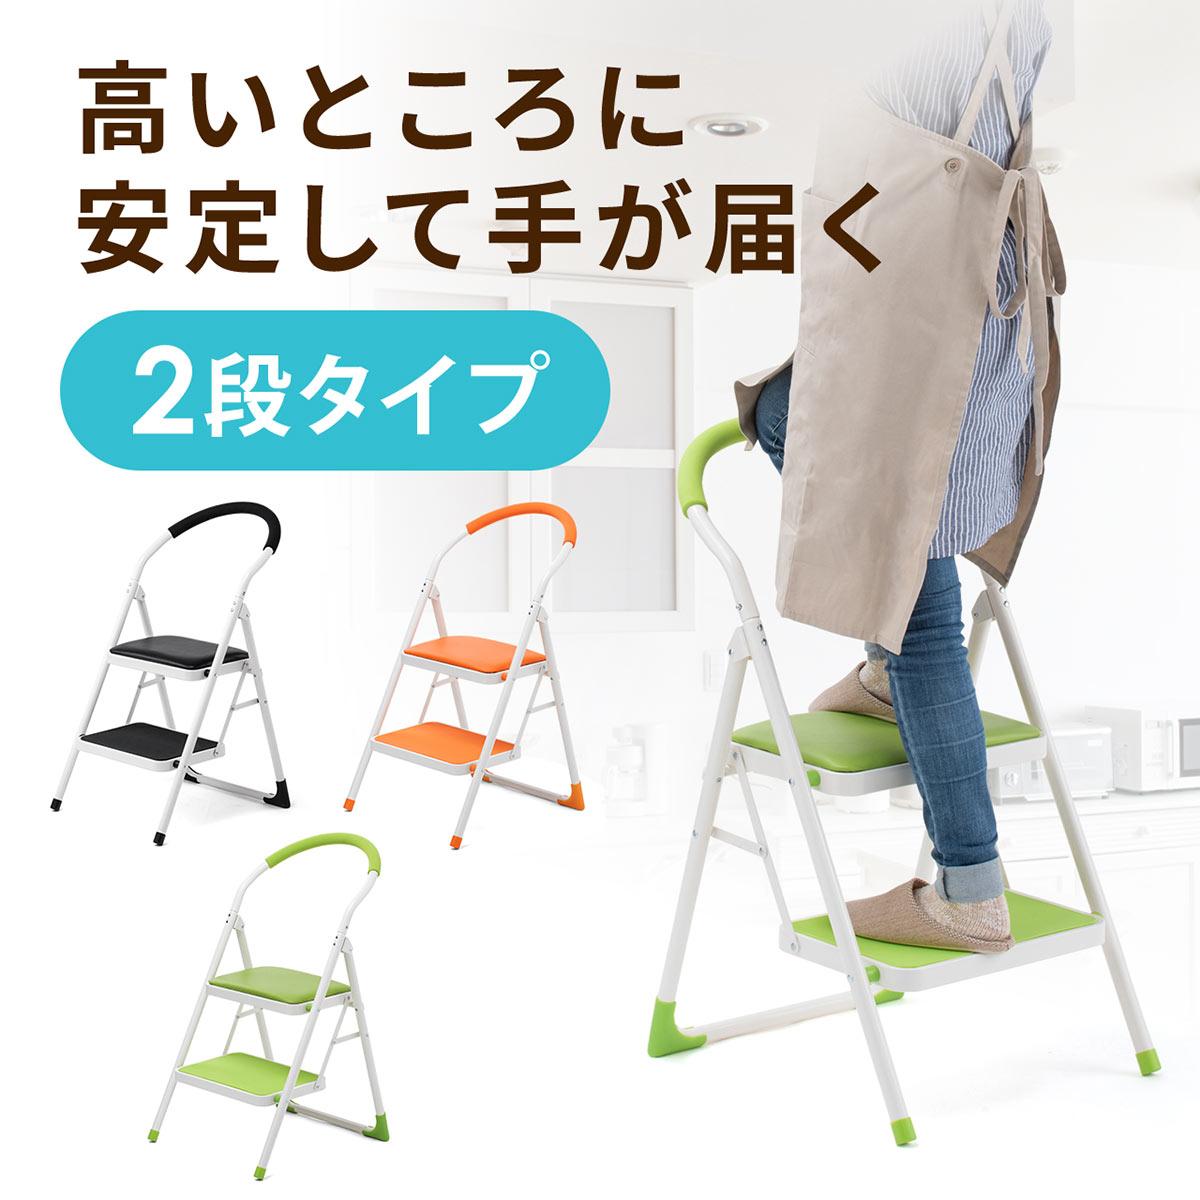 止め 椅子 滑り